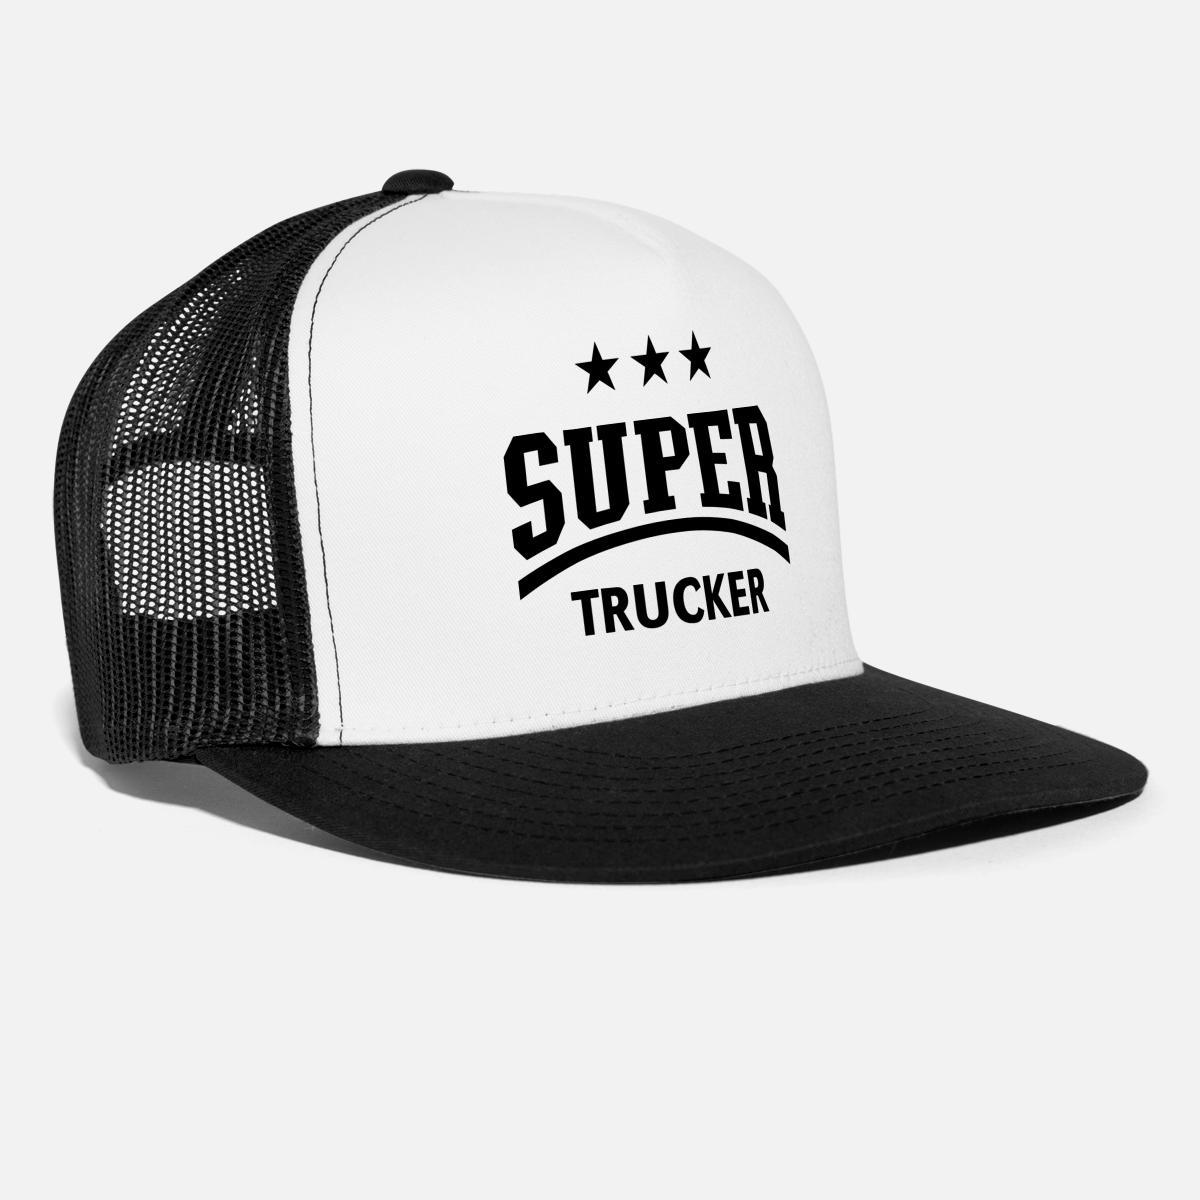 a919ebb7 Super Trucker (Truck Driver / Truckman) Trucker Cap   Spreadshirt